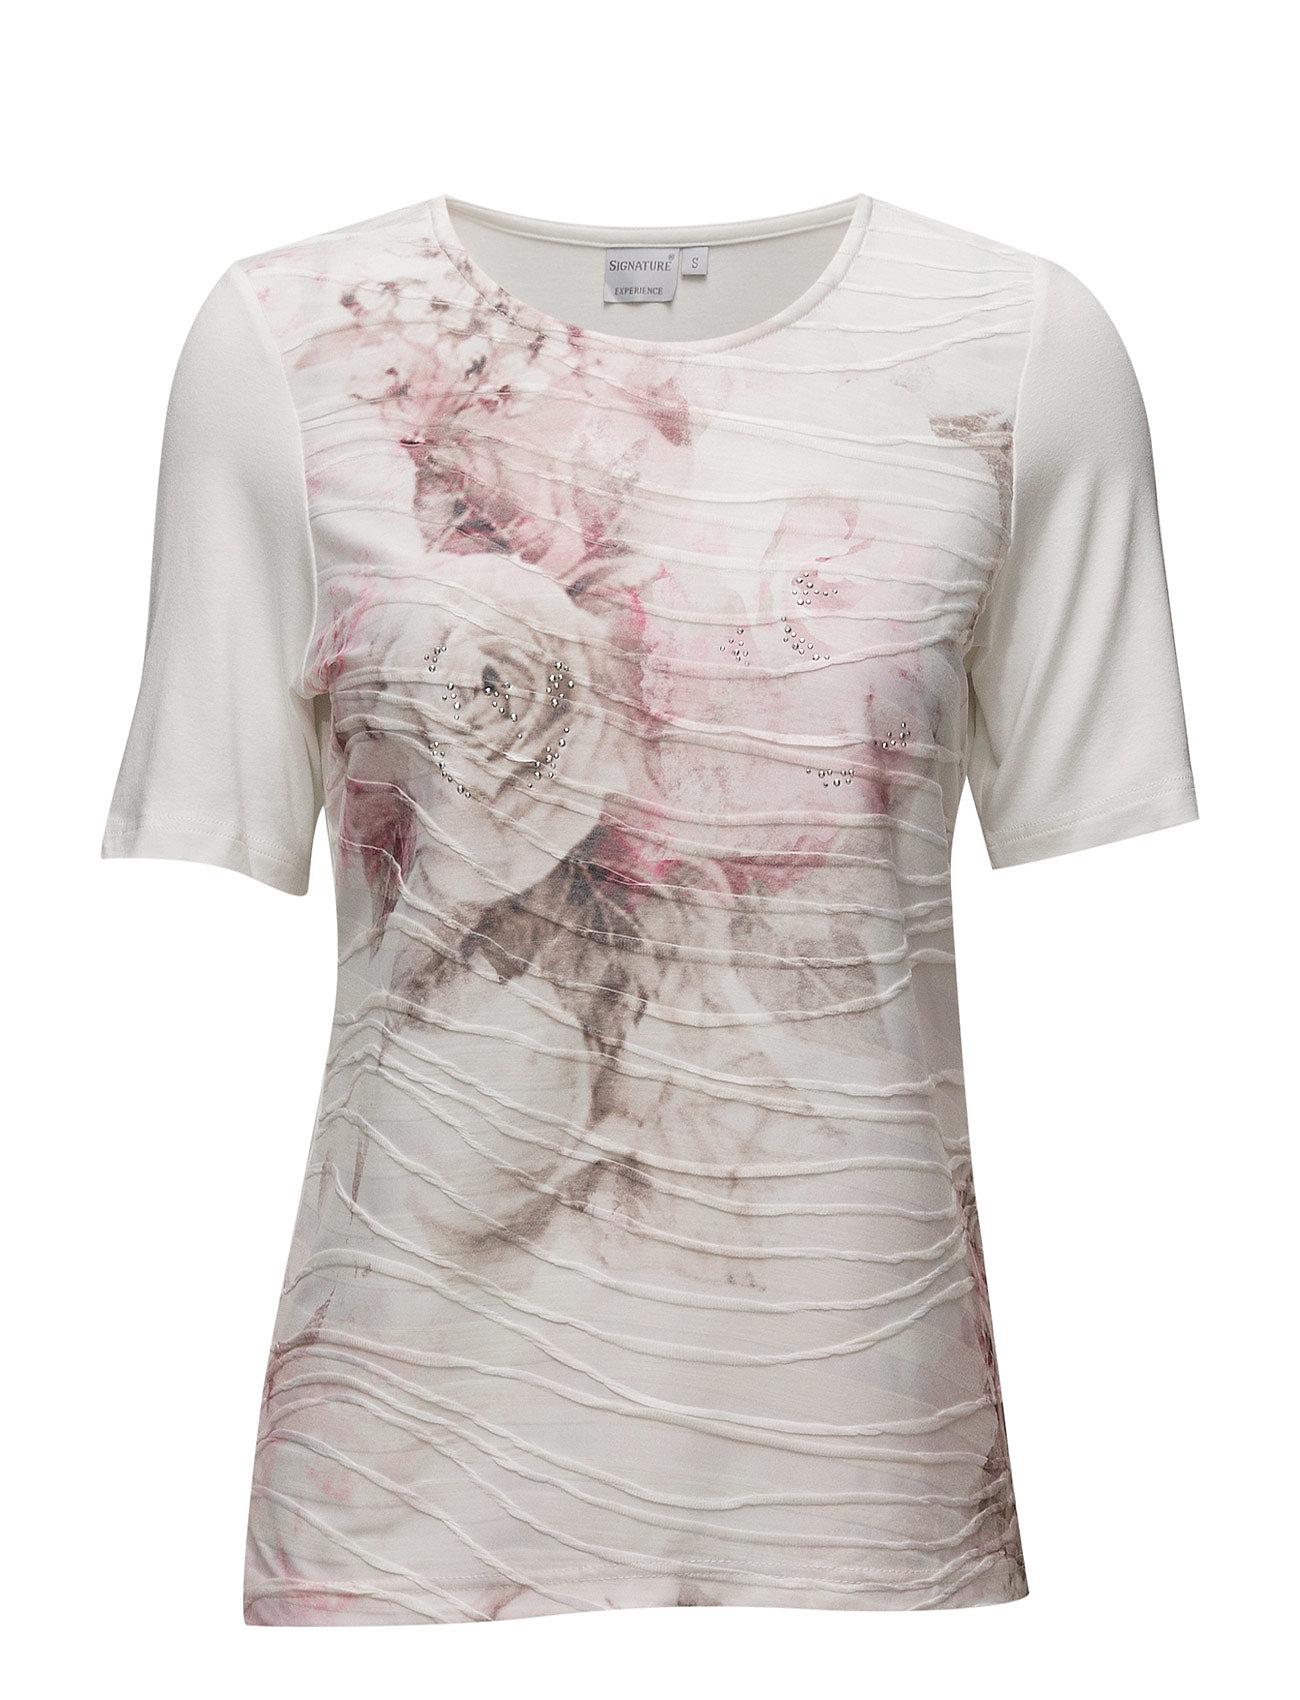 T-Shirt S/S Signature Kortærmede til Damer i